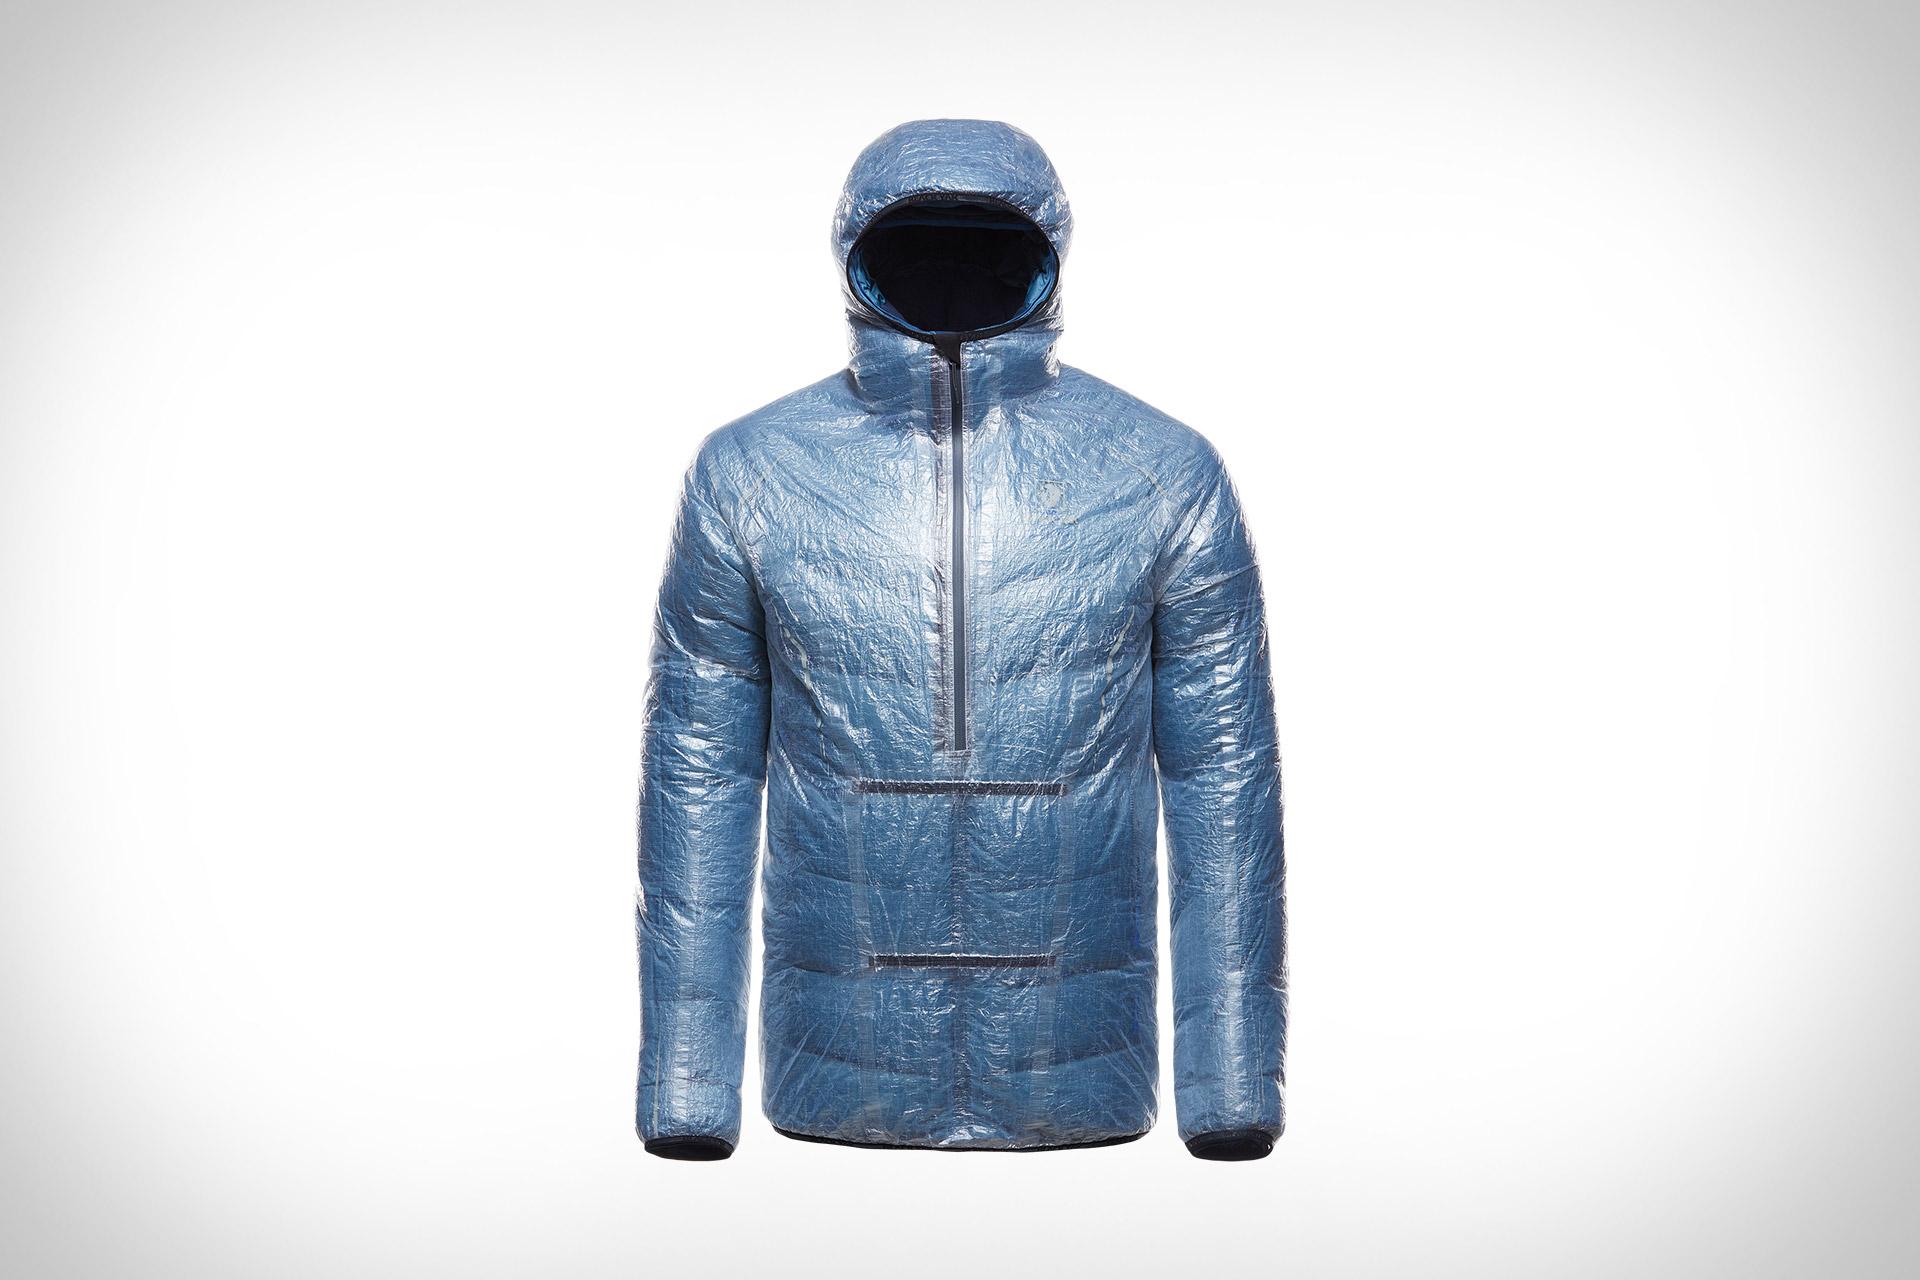 Blackyak Emergency Jacket